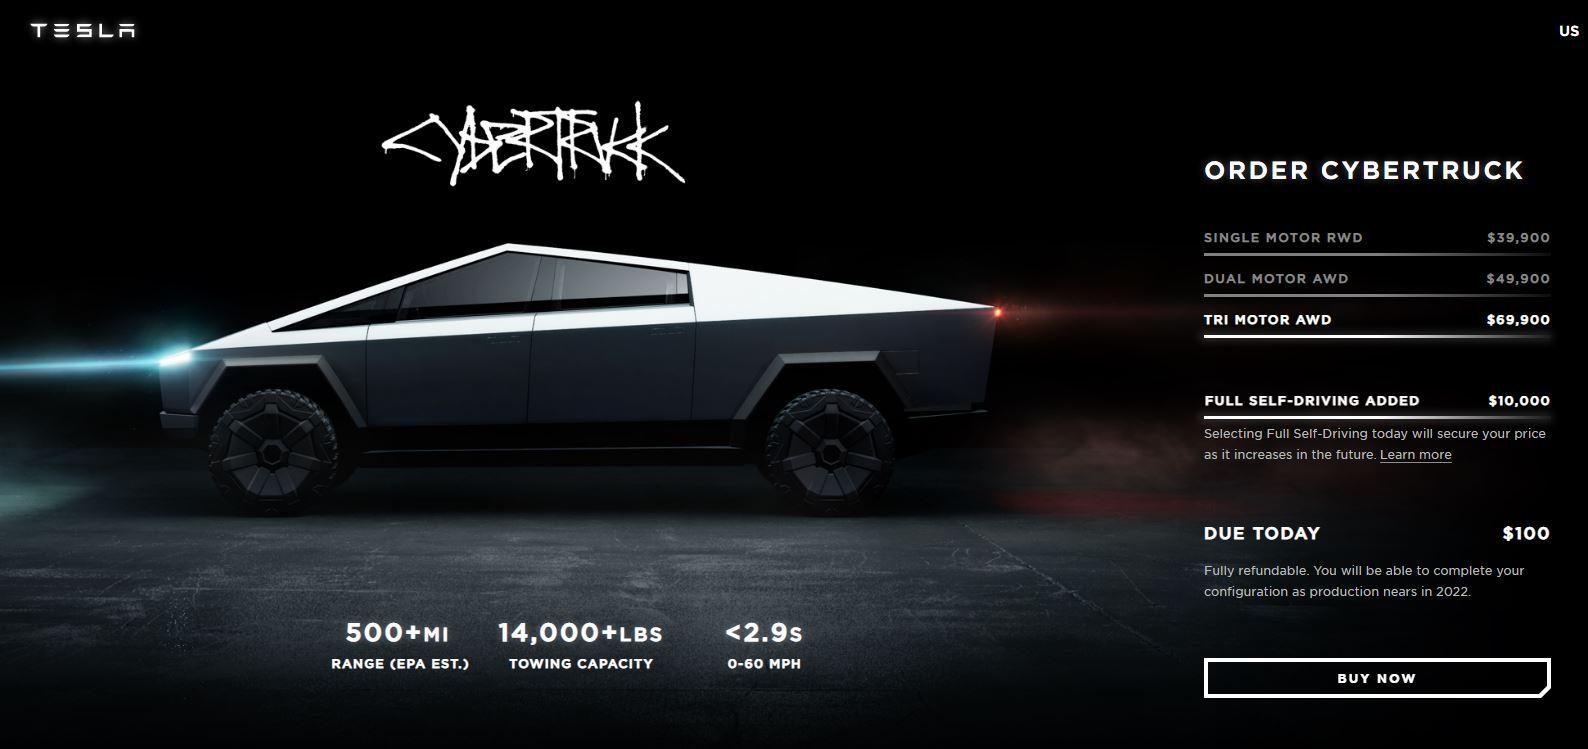 Imagem do site da Tesla com a picape Cybertruck